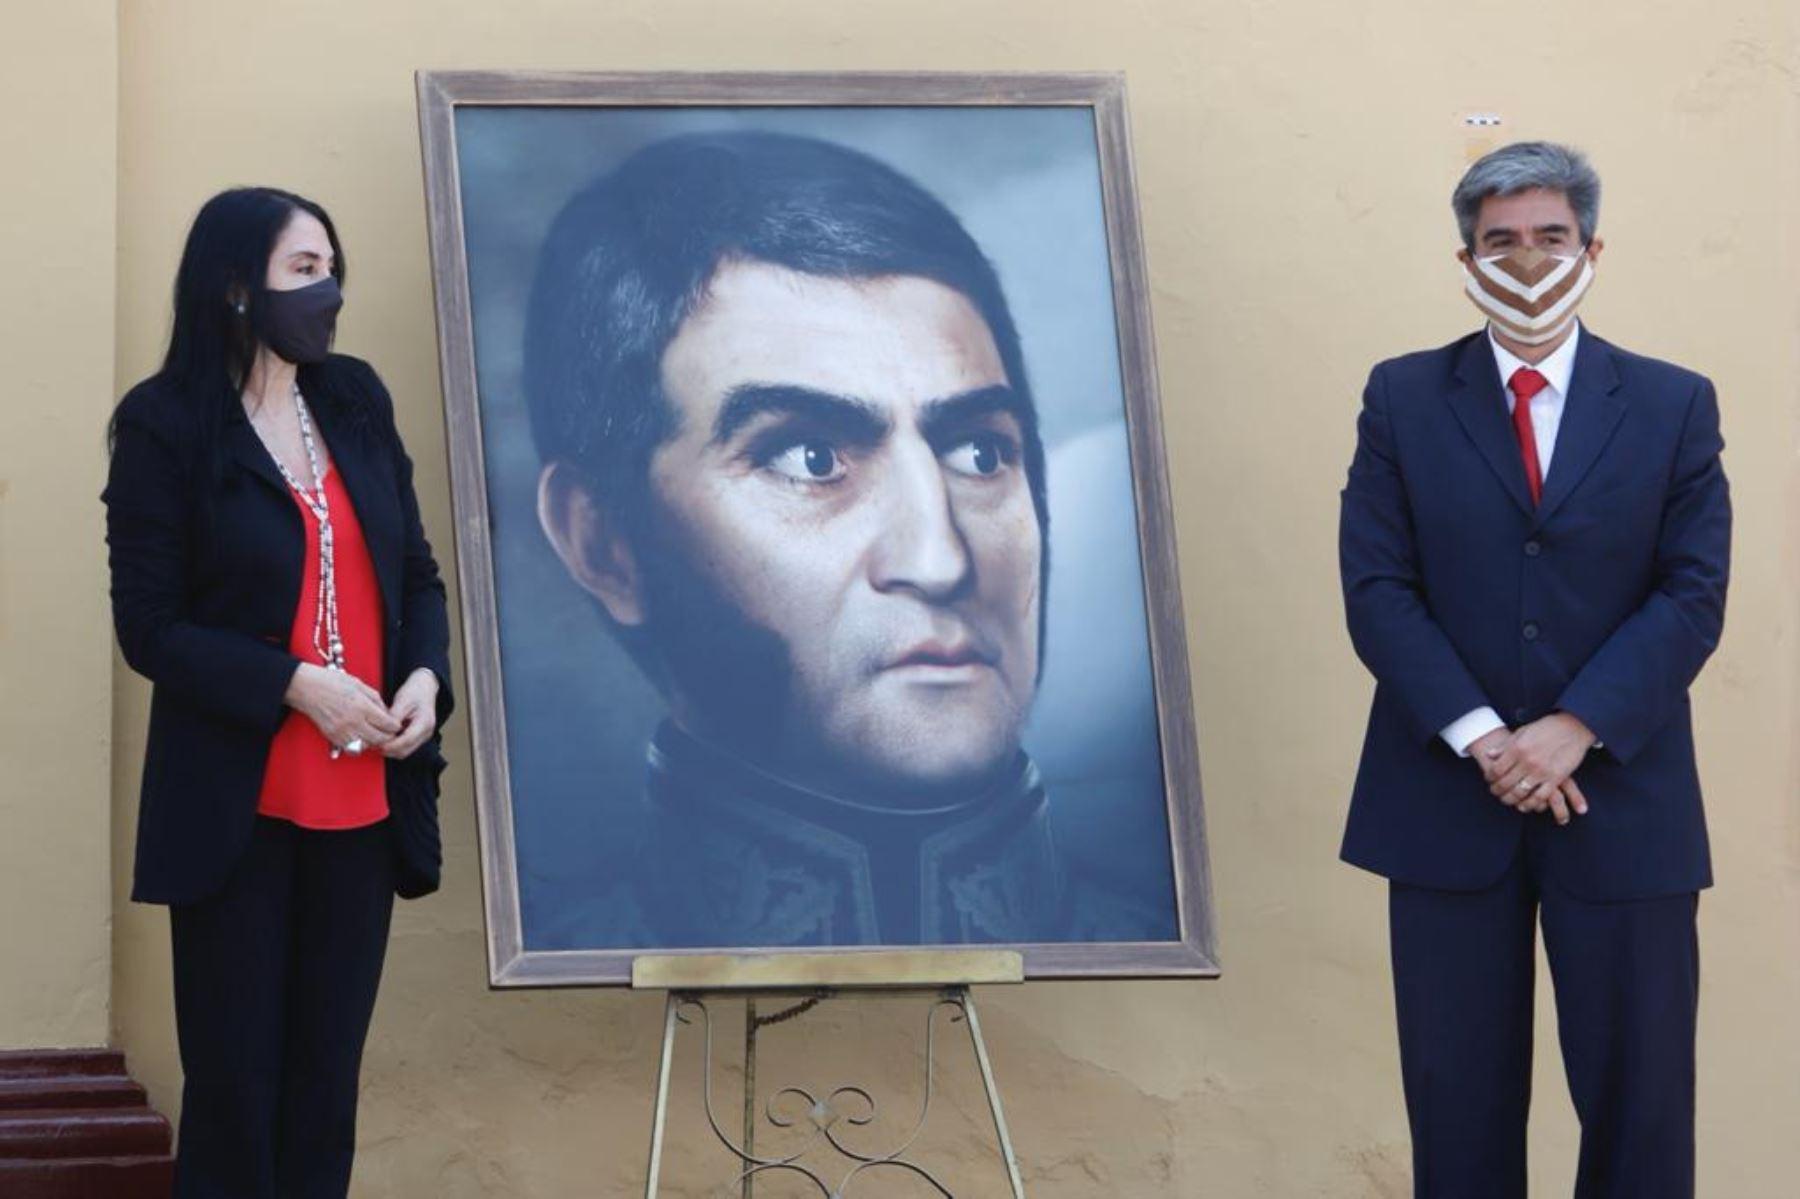 Conoce la historia del retrato del general Don José de San Martín develado ayer durante la ceremonia por los 200 años de la proclamación de la Independencia del Perú en Huaura. ANDINA/Difusión